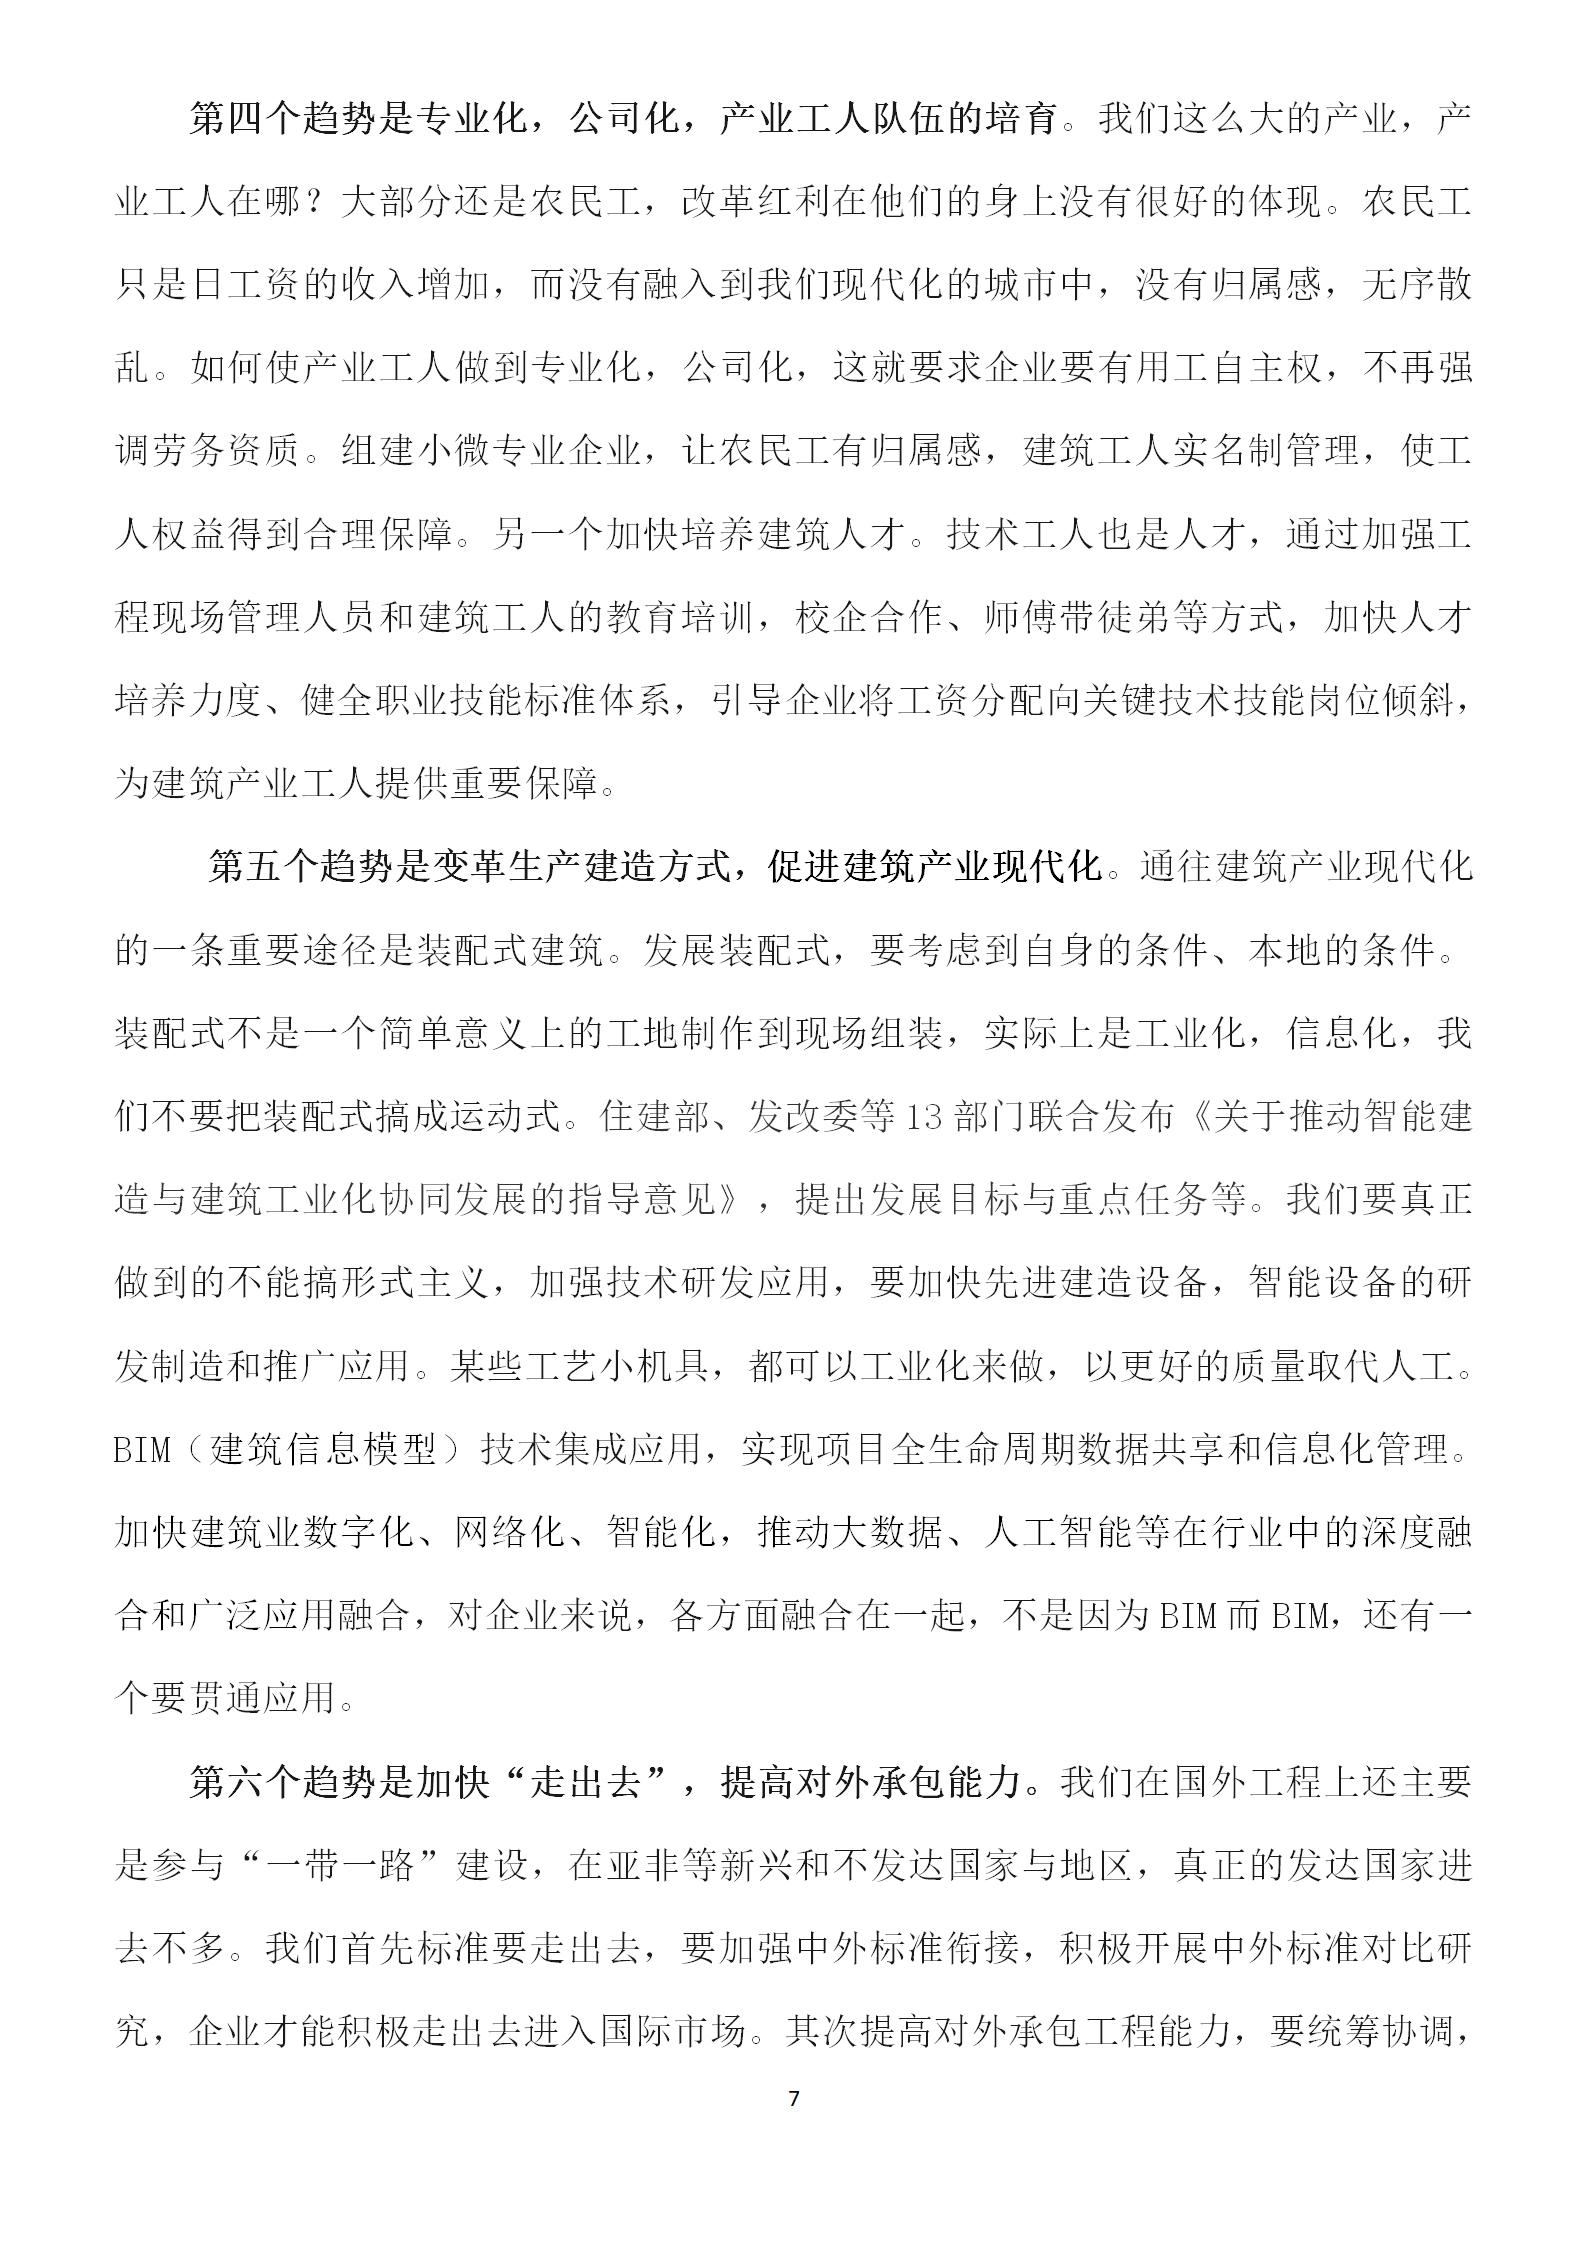 中建协副会长吴慧娟在河北省建筑业协会八届五次理事会上的讲话(1)_07.png